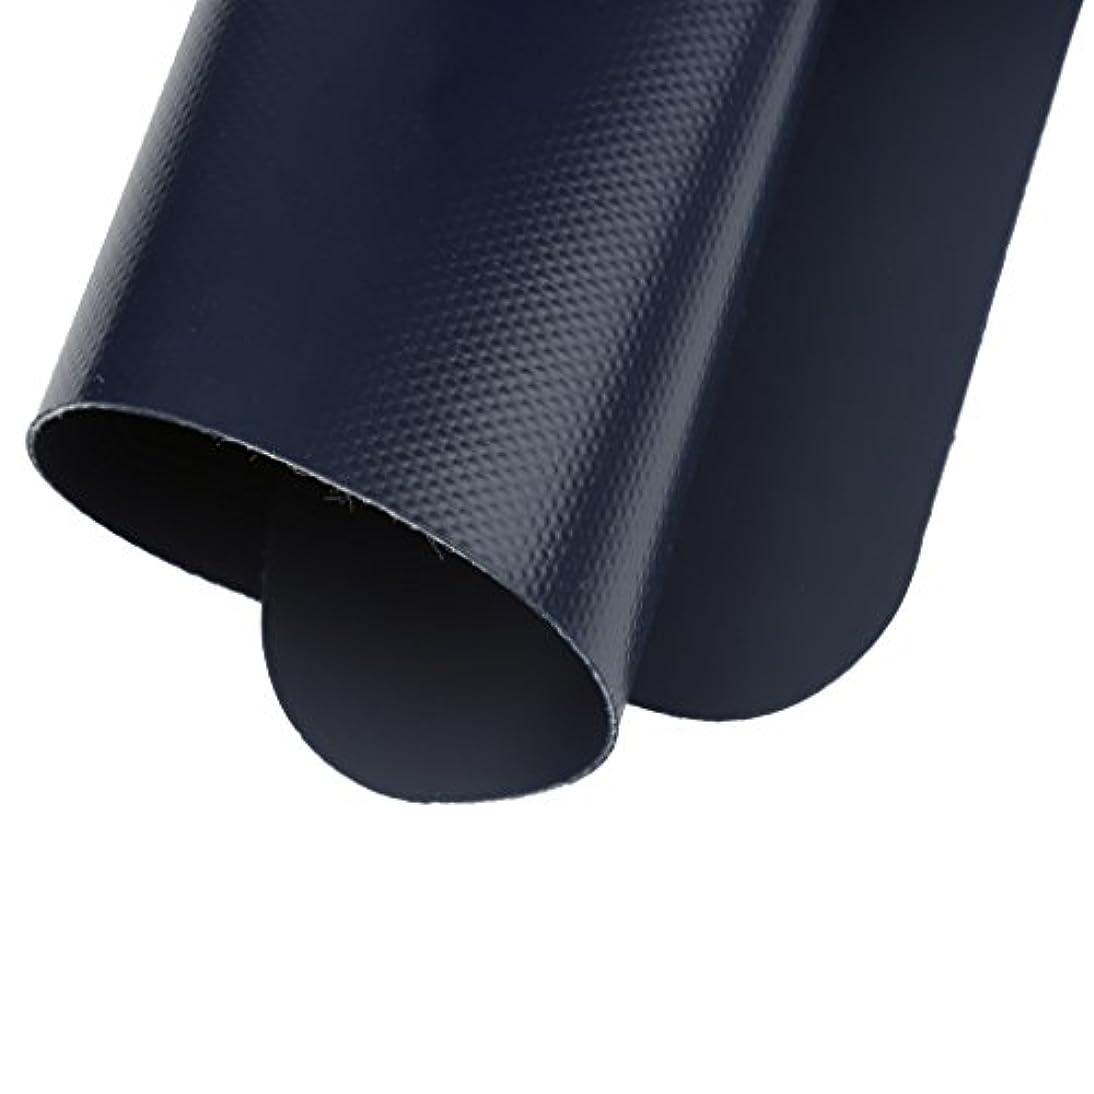 ダウンプレビスサイト原因CUTICATE 修理パッチ パッチ ボート修理パッチ インフレータブル PVC素材 耐久性 防水性 軽量 2個入り